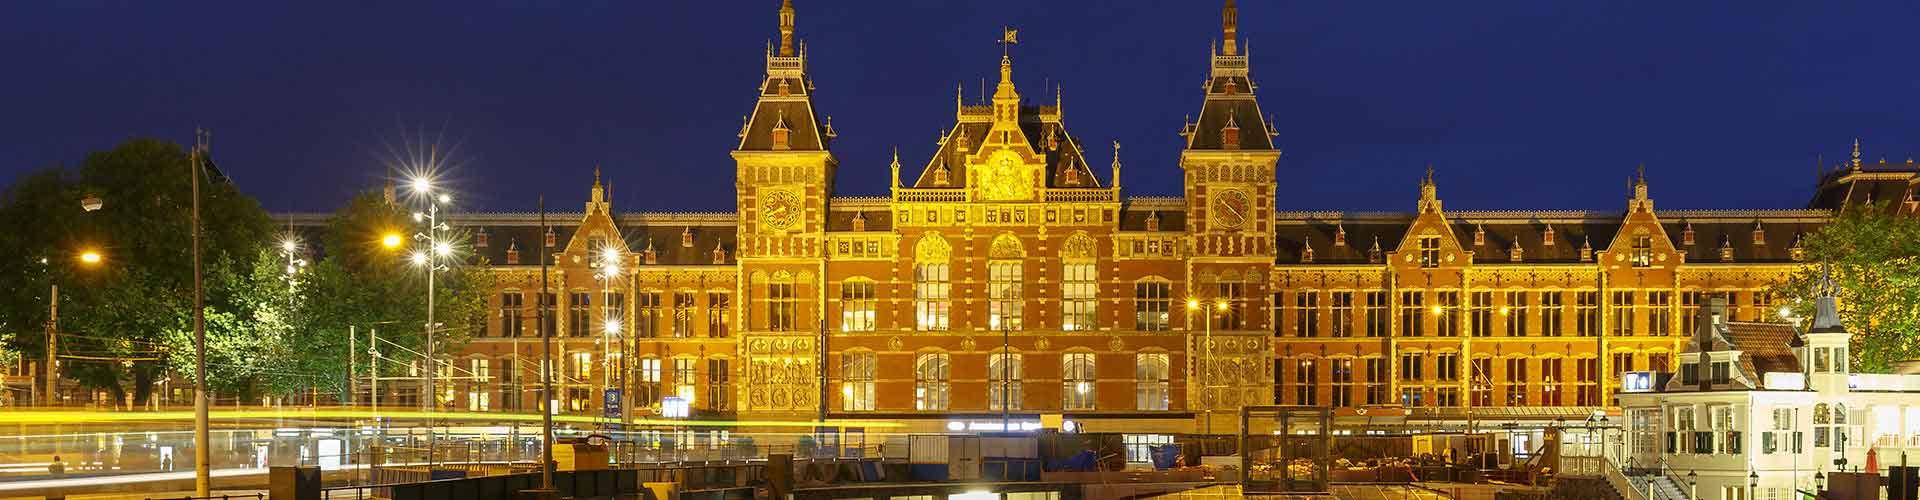 Amszterdam - Hotelek közel Amszterdam főpályaudvar . Amszterdam térképek, fotók és ajánlások minden egyes Amszterdam hotelről.